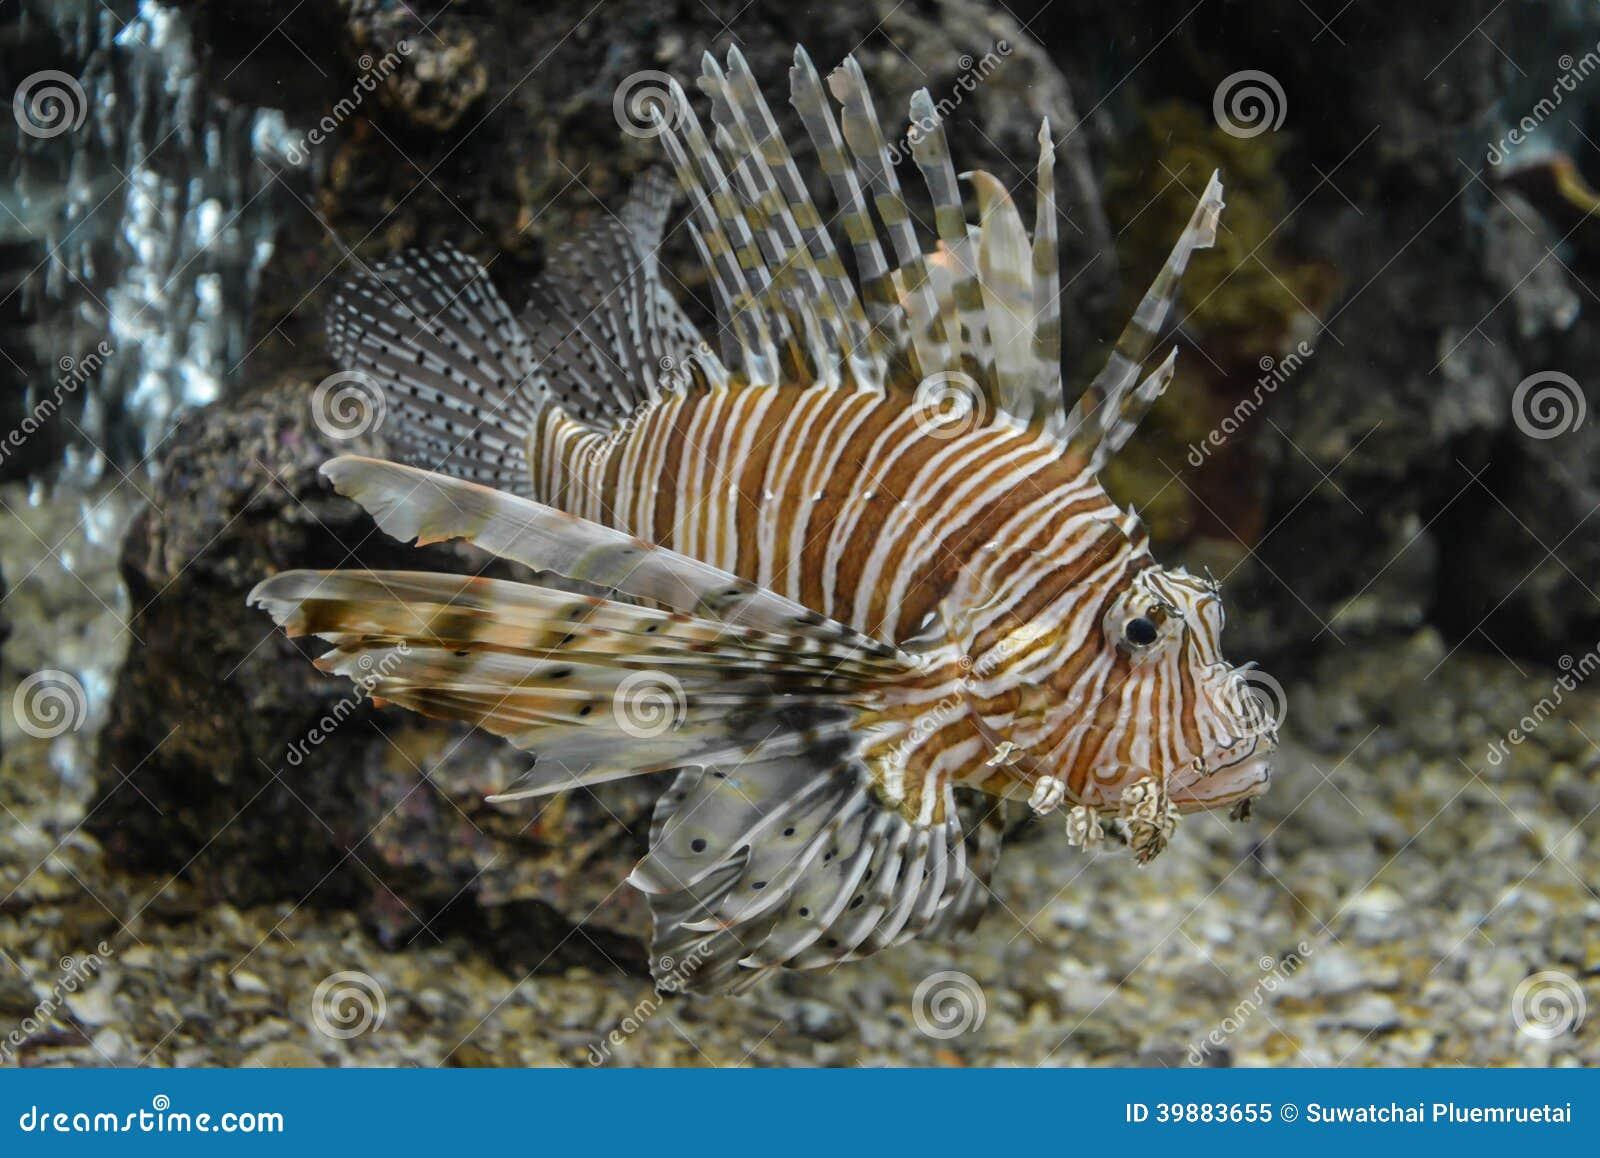 bunte fische die im aquarium schwimmen stockbild bild 39883655. Black Bedroom Furniture Sets. Home Design Ideas